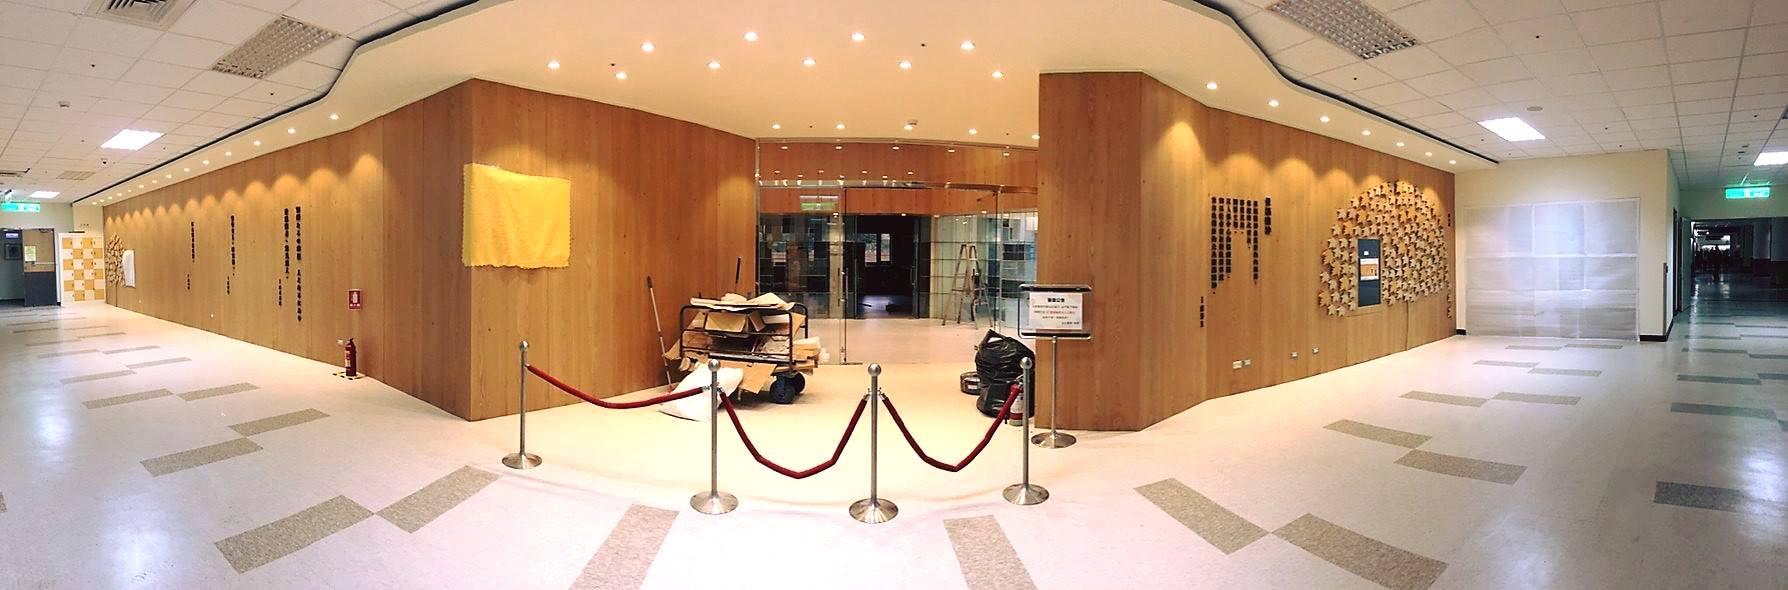 醫圖形象大廳改造已接近完工